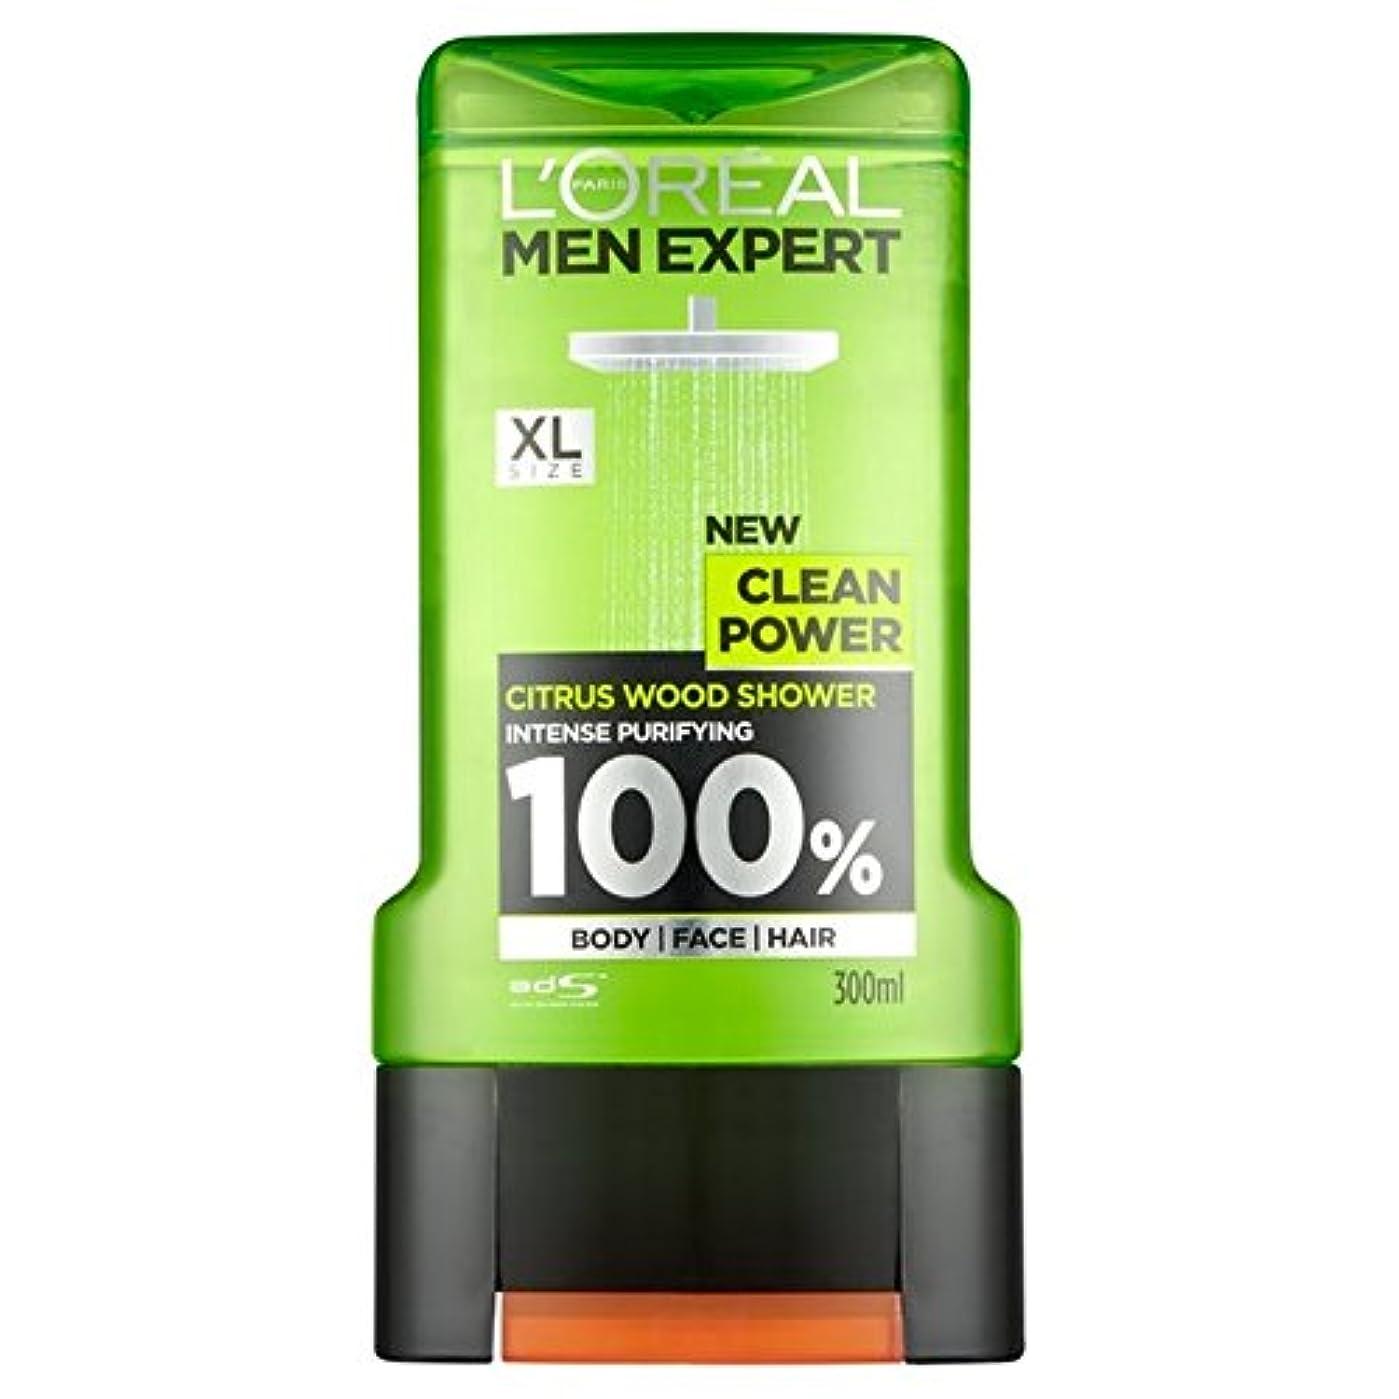 休日につかむ里親ロレアルパリの男性の専門家クリーンパワーシャワージェル300ミリリットル x2 - L'Oreal Paris Men Expert Clean Power Shower Gel 300ml (Pack of 2) [並行輸入品]